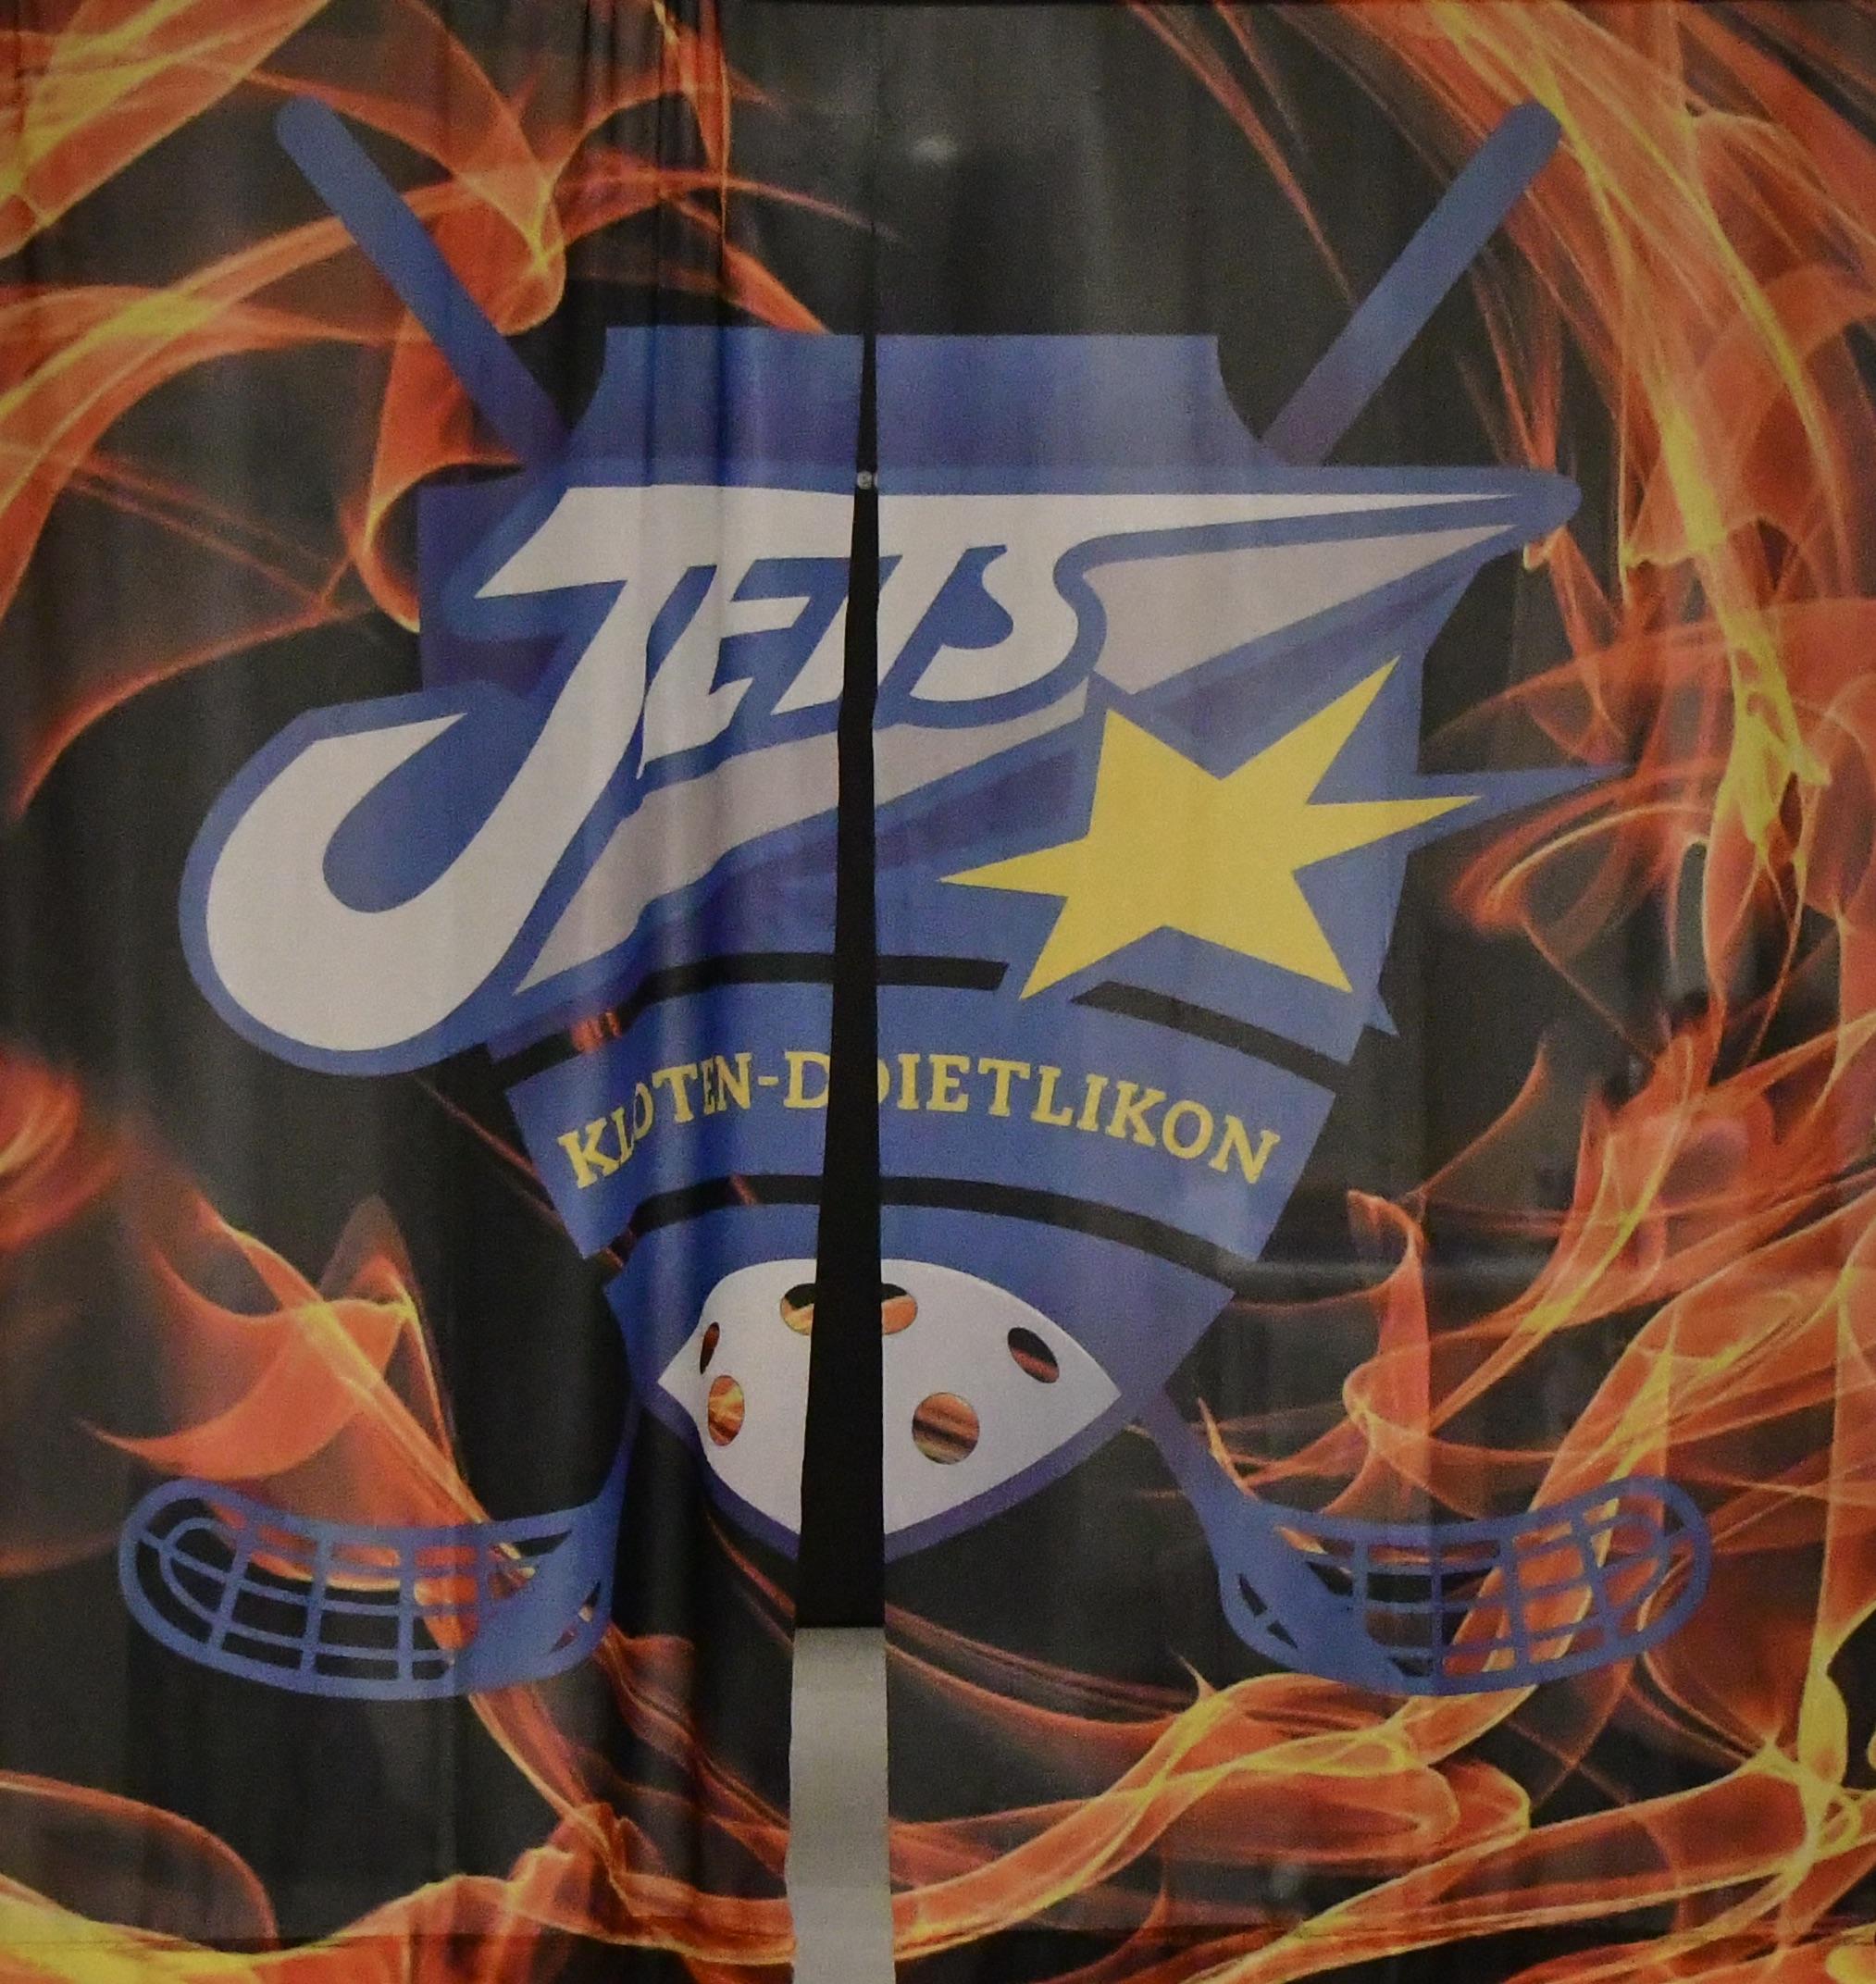 Herren l -Kloten-Dietlikon Jets, NLB Playoff, 1/4 Final, Spiel 2, Saison 2019/20